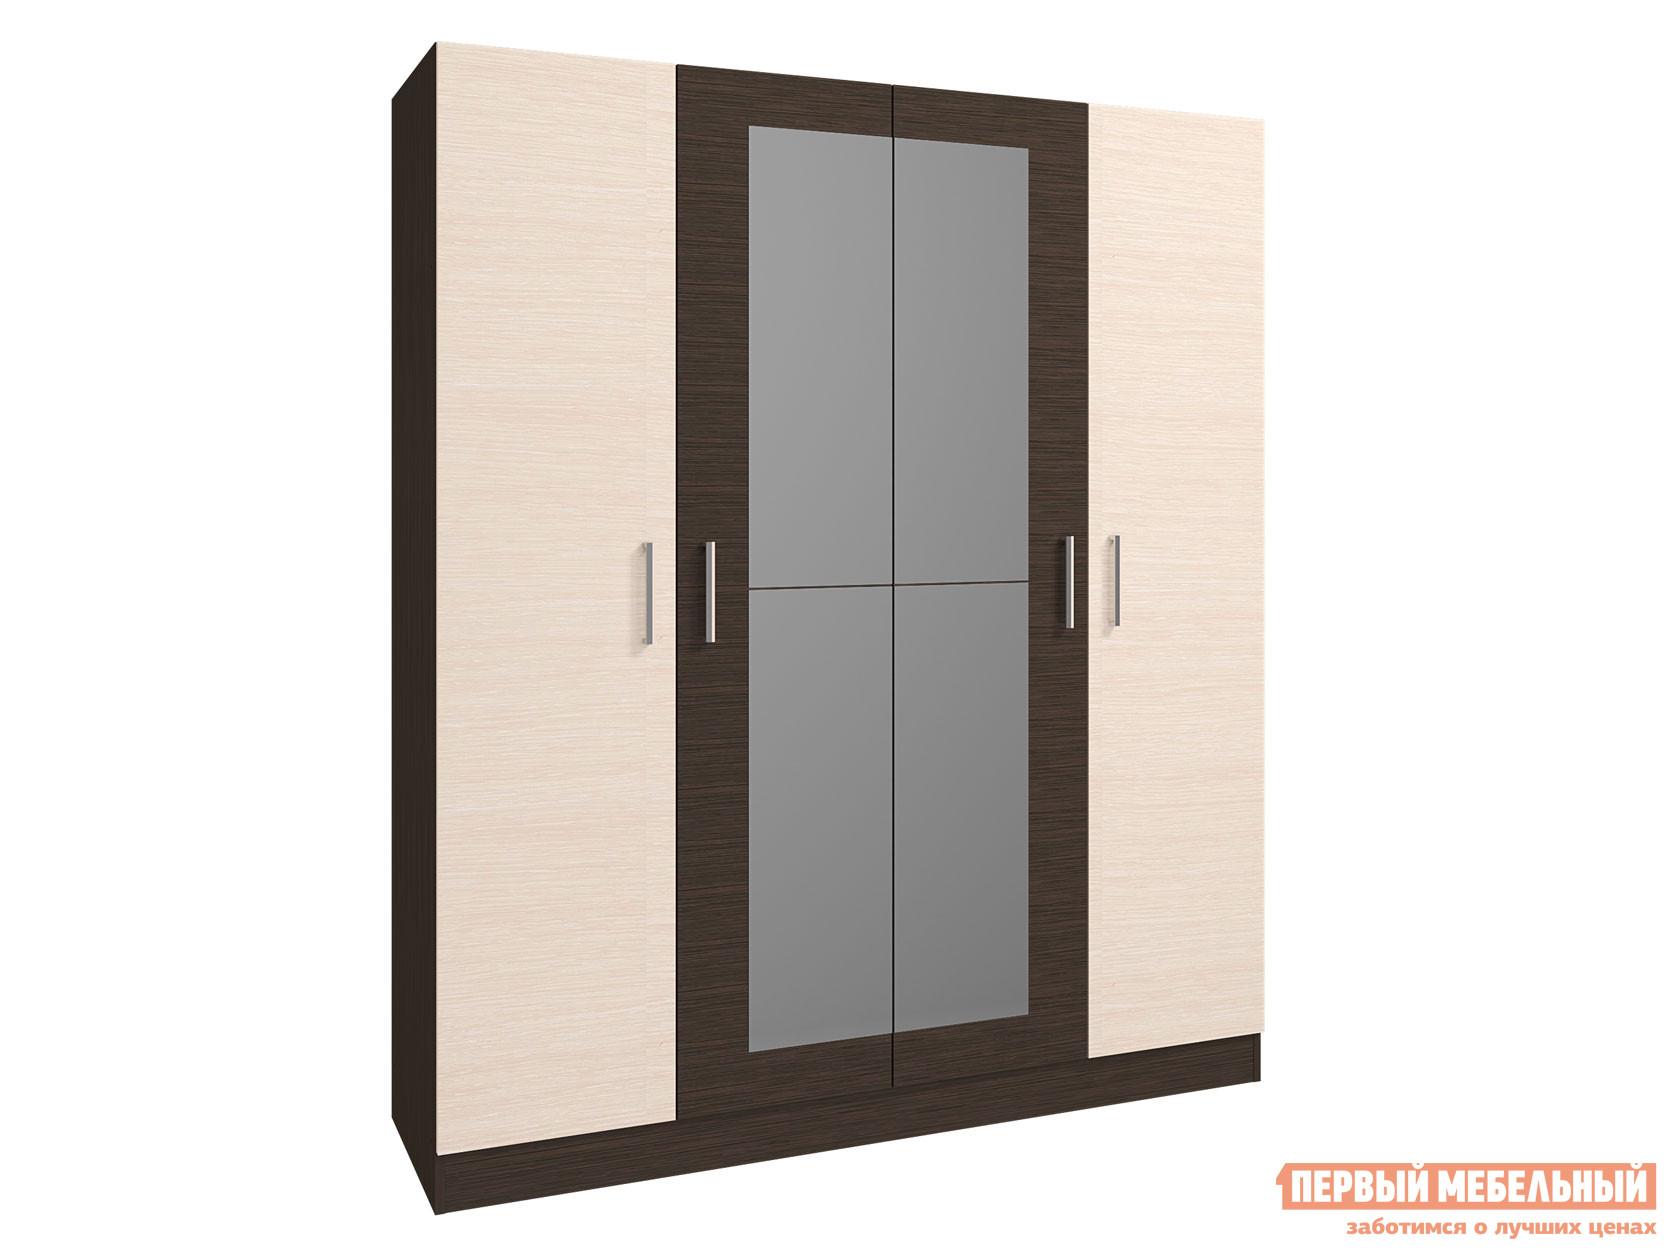 Распашной шкаф  4-х дверный Леси Венге / Дуб, С зеркалом Горизонт 117877